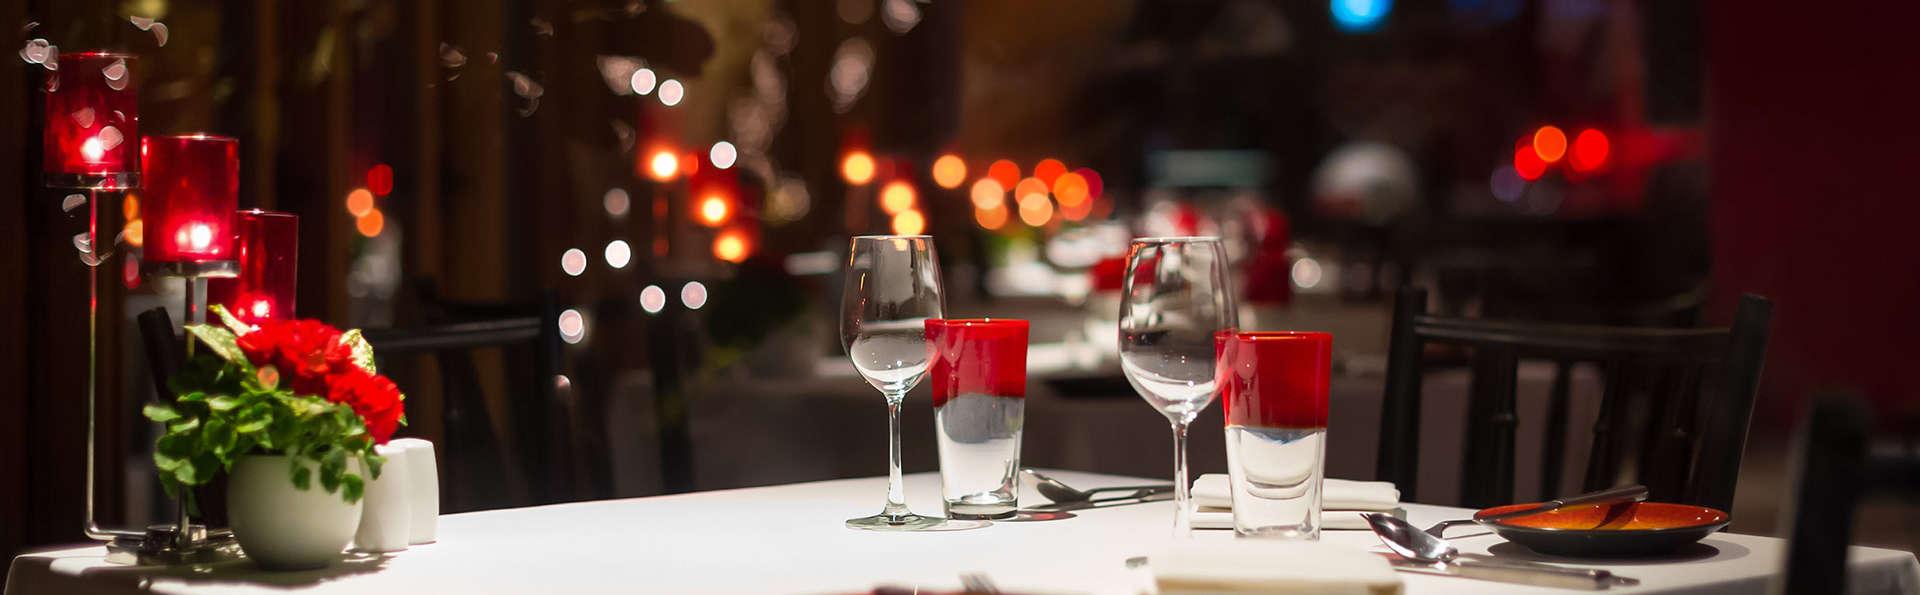 Romanticismo con Cena a la luz de las velas en una ciudad del patrimonio mundial